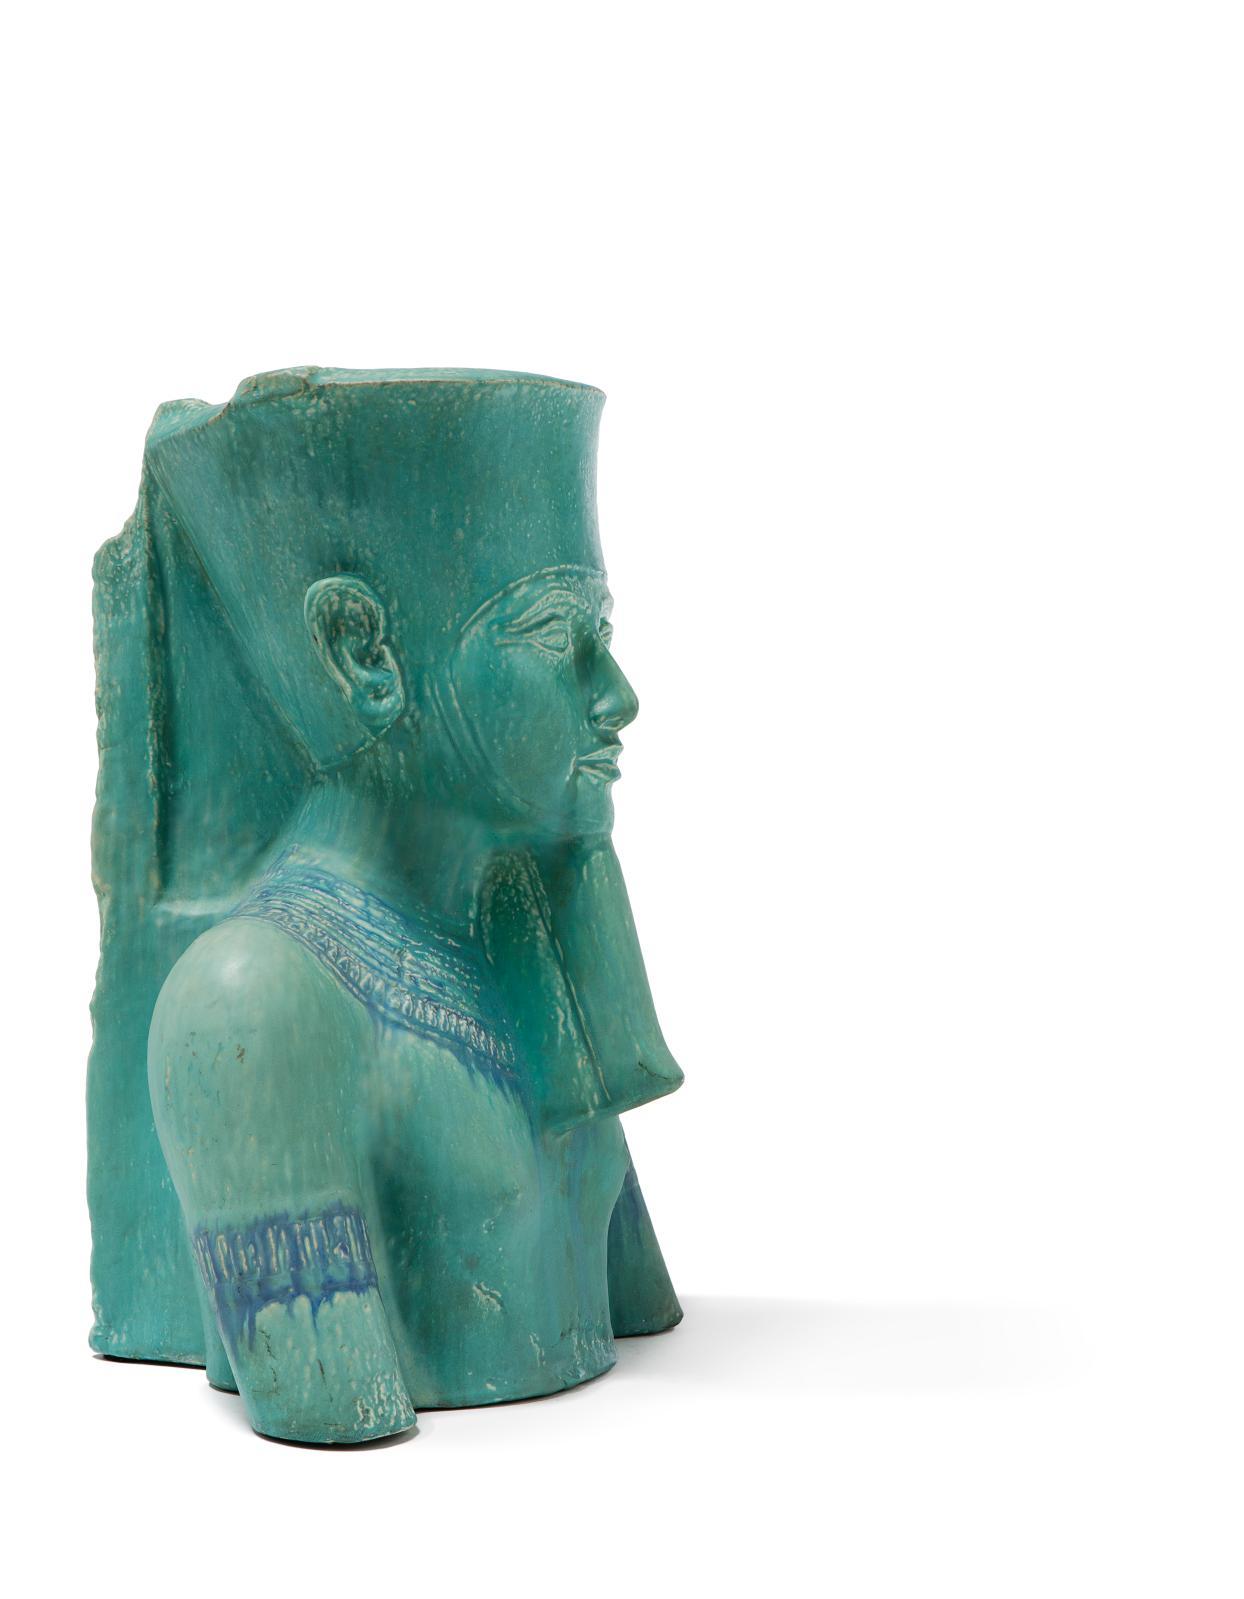 Émile Muller &Compagnie, Toutankhamon, sculpture en céramique à couverte émaillée représentant le pharaon en buste, 54x31x36cm. Paris, Drouot, 7